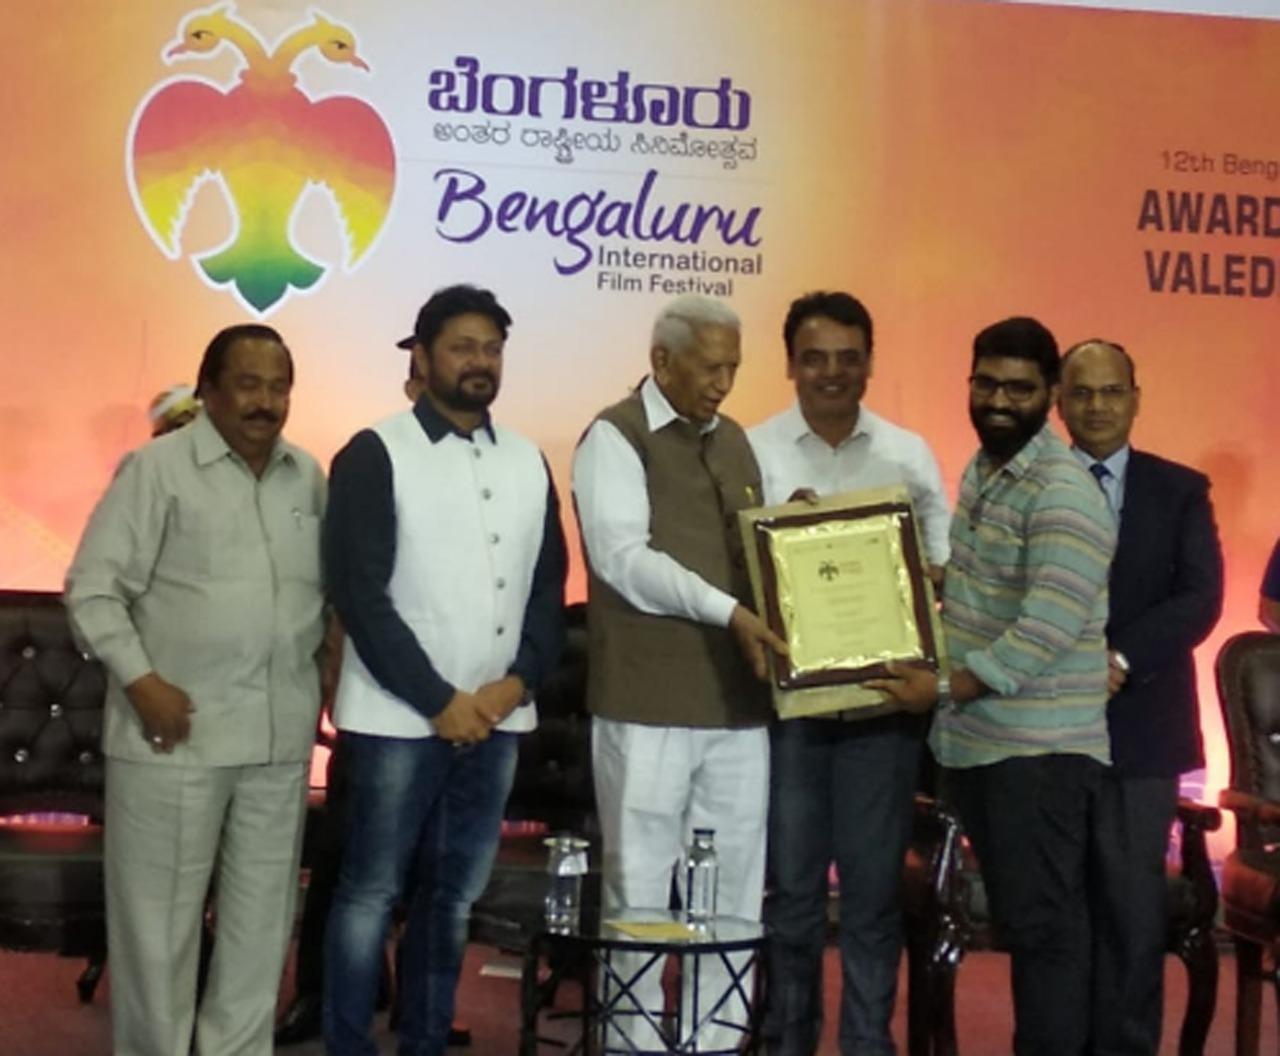 ബാംഗ്ലൂര് അന്താരാഷ്ട്ര ചലച്ചിത്രമേളയില് ബിരിയാണിക്ക് പ്രത്യേക ജൂറി പുരസ്കാരം